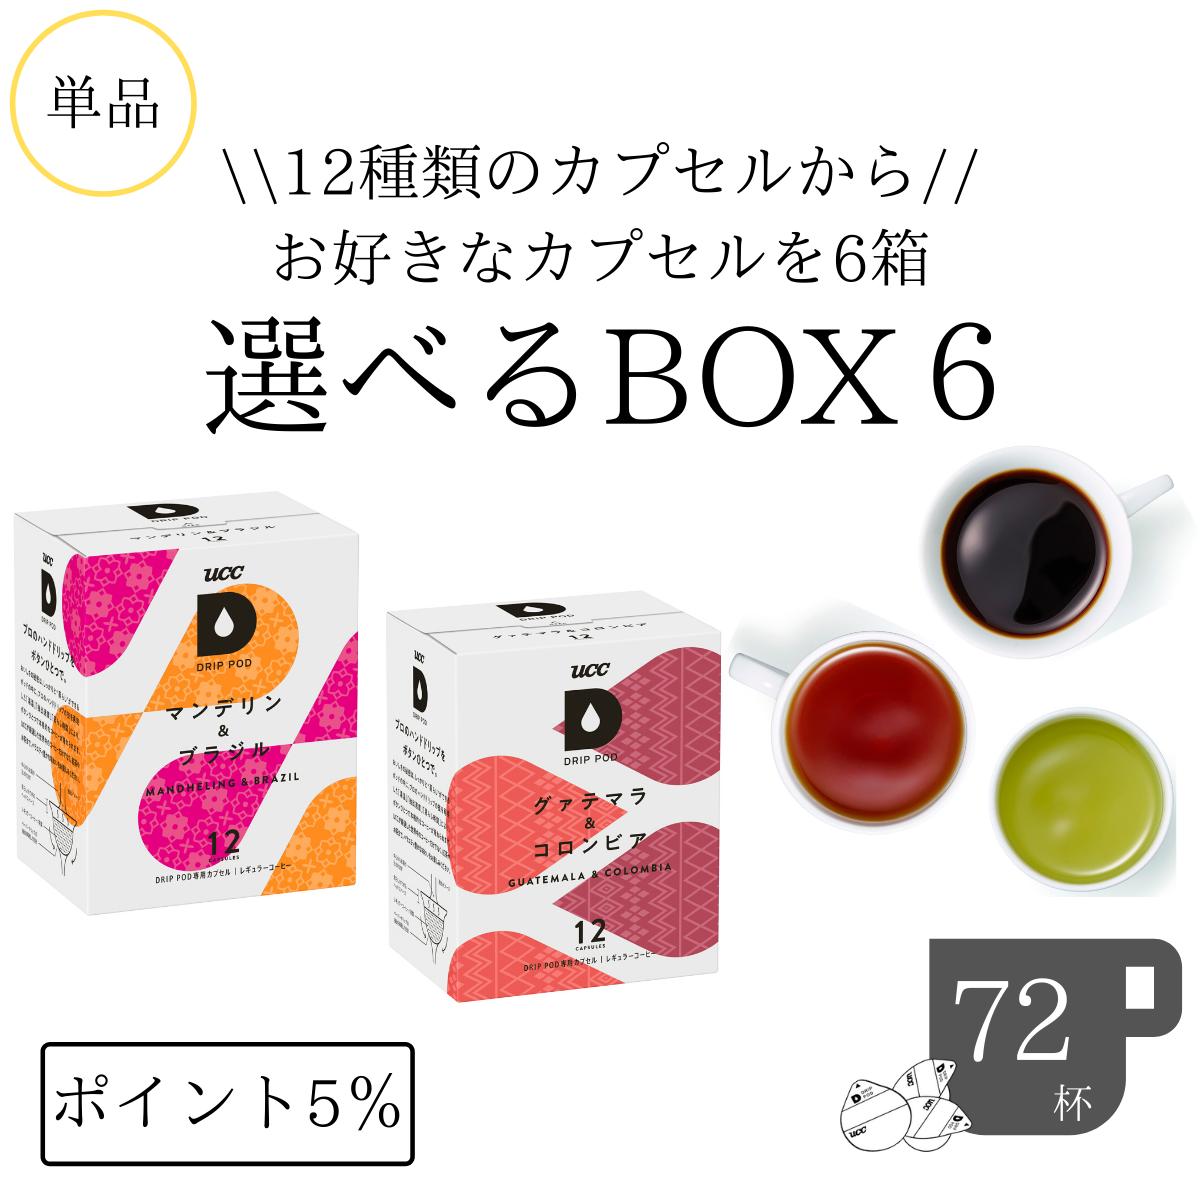 【選べるセット】選べるBOX6